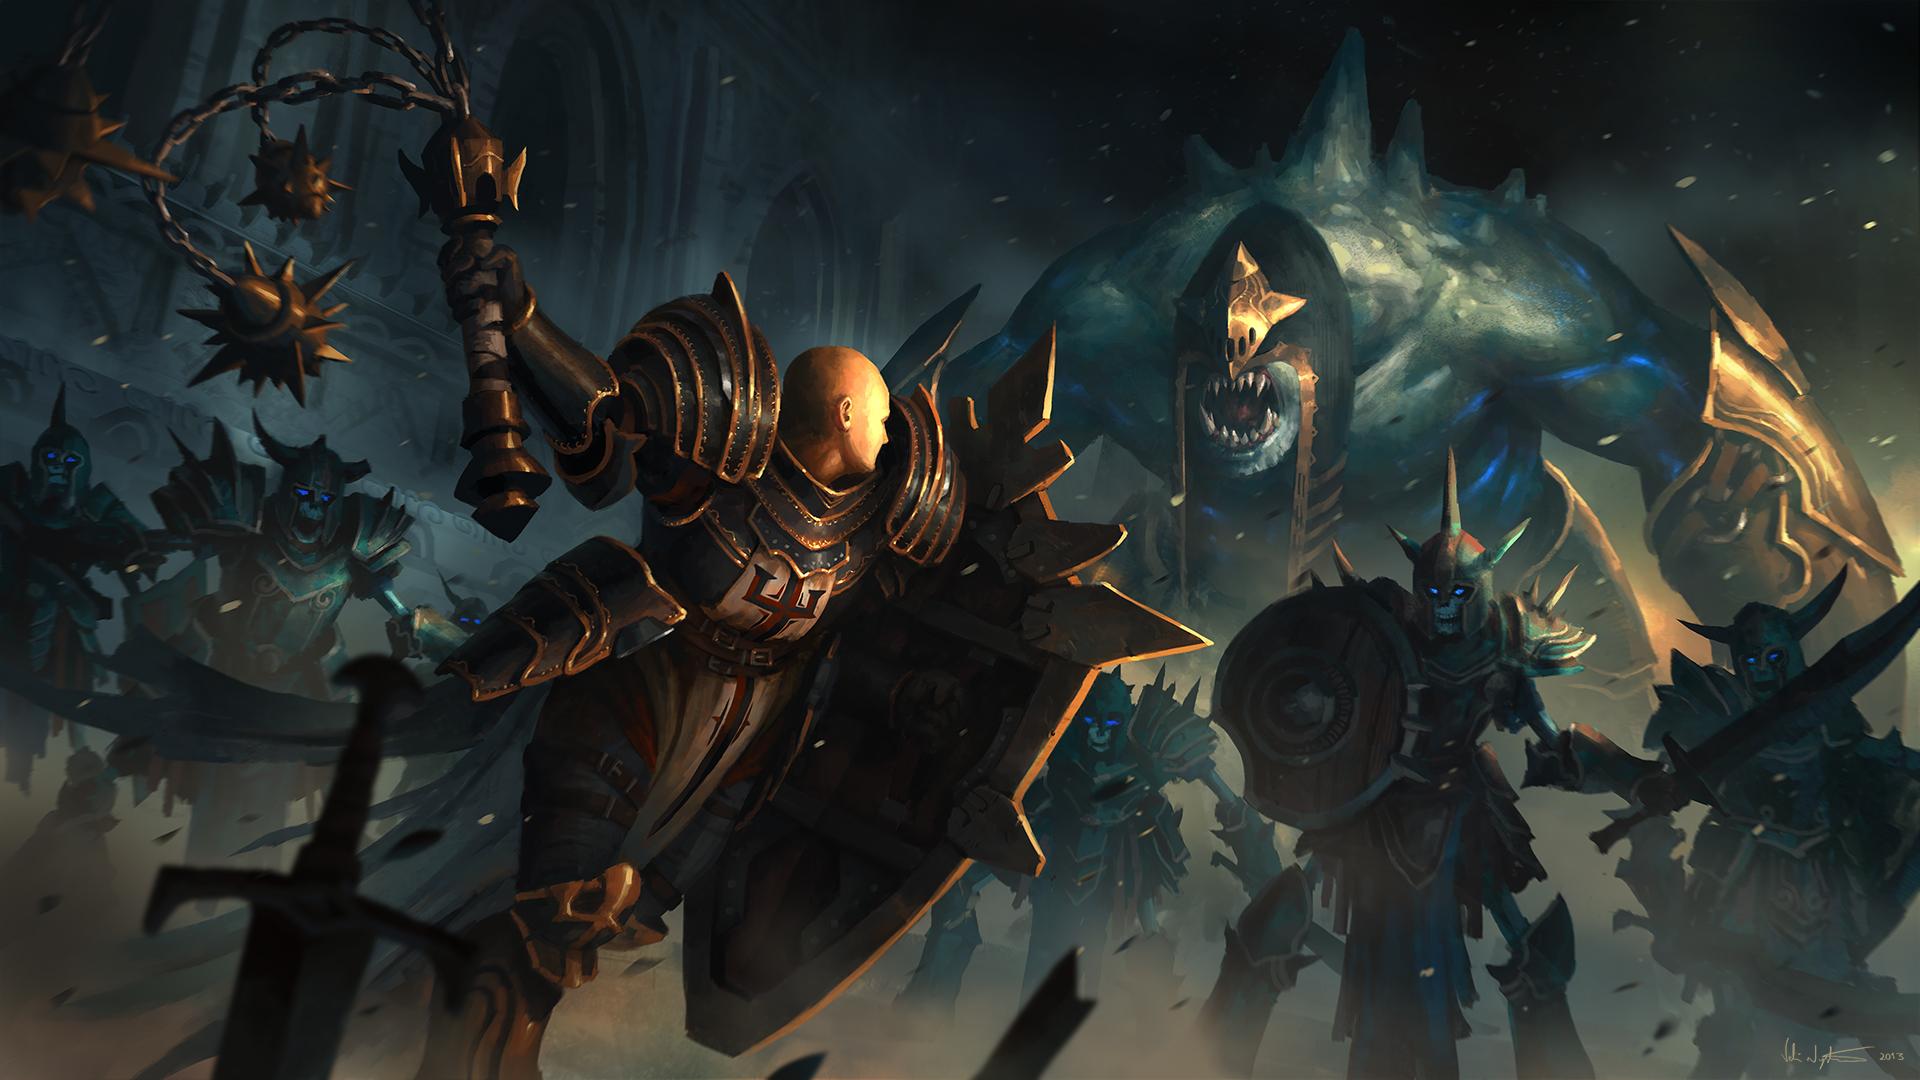 Diablo 3 Fanart - Crusader by m-hugo.deviantart.com on @deviantART ...